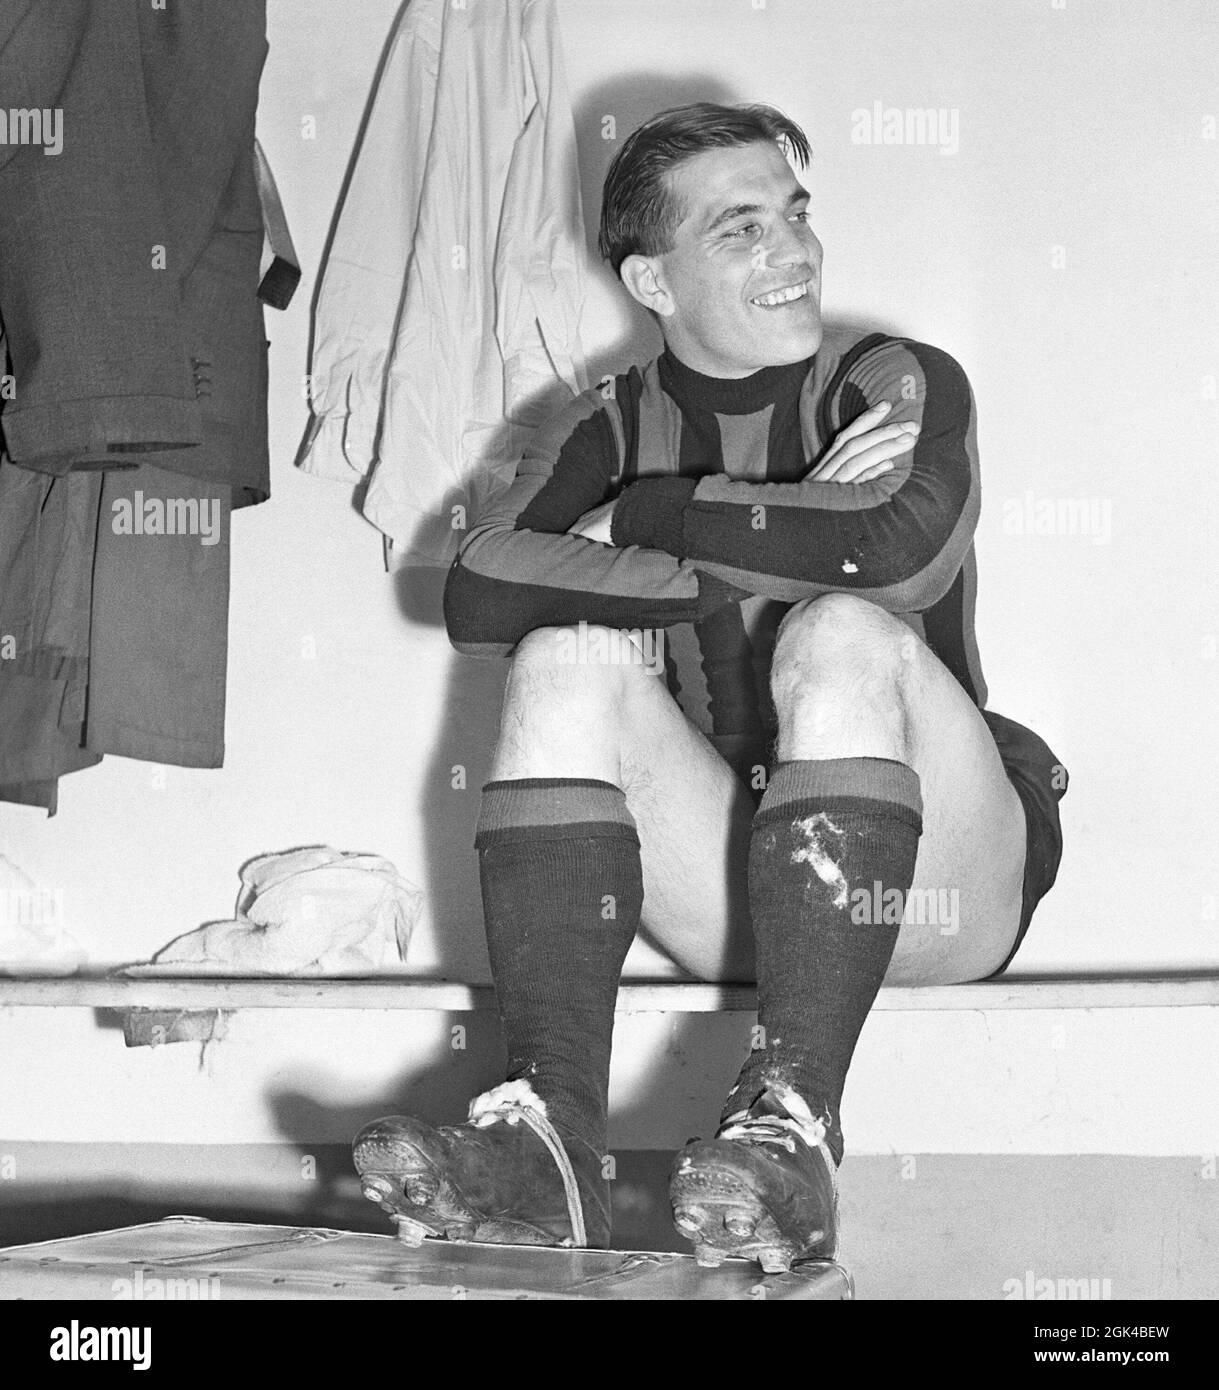 Gunnar Nordahl. 19 de octubre de 1921 - 15 de septiembre de 1995. Jugador de fútbol sueco, más conocido por jugar en el club de fútbol italiano AC Milan de 1949 a 1956. Él alambiques tiene el récord de goles por aparición en Italia. Nordahl está considerado como uno de los mejores futbolistas suecos de todos los tiempos. Nordahl se convirtió en el primer futbolista profesional sueco cuando fue transferido al AC Milan el 22 1949 de enero. Más tarde, se uniría con sus socios de huelga del equipo nacional, Gunnar Gren y Nils Liedholm para formar el famoso trío GRE-No-Li, un exitoso trío que jugaba juntos para el AC Milan. Mila Foto de stock